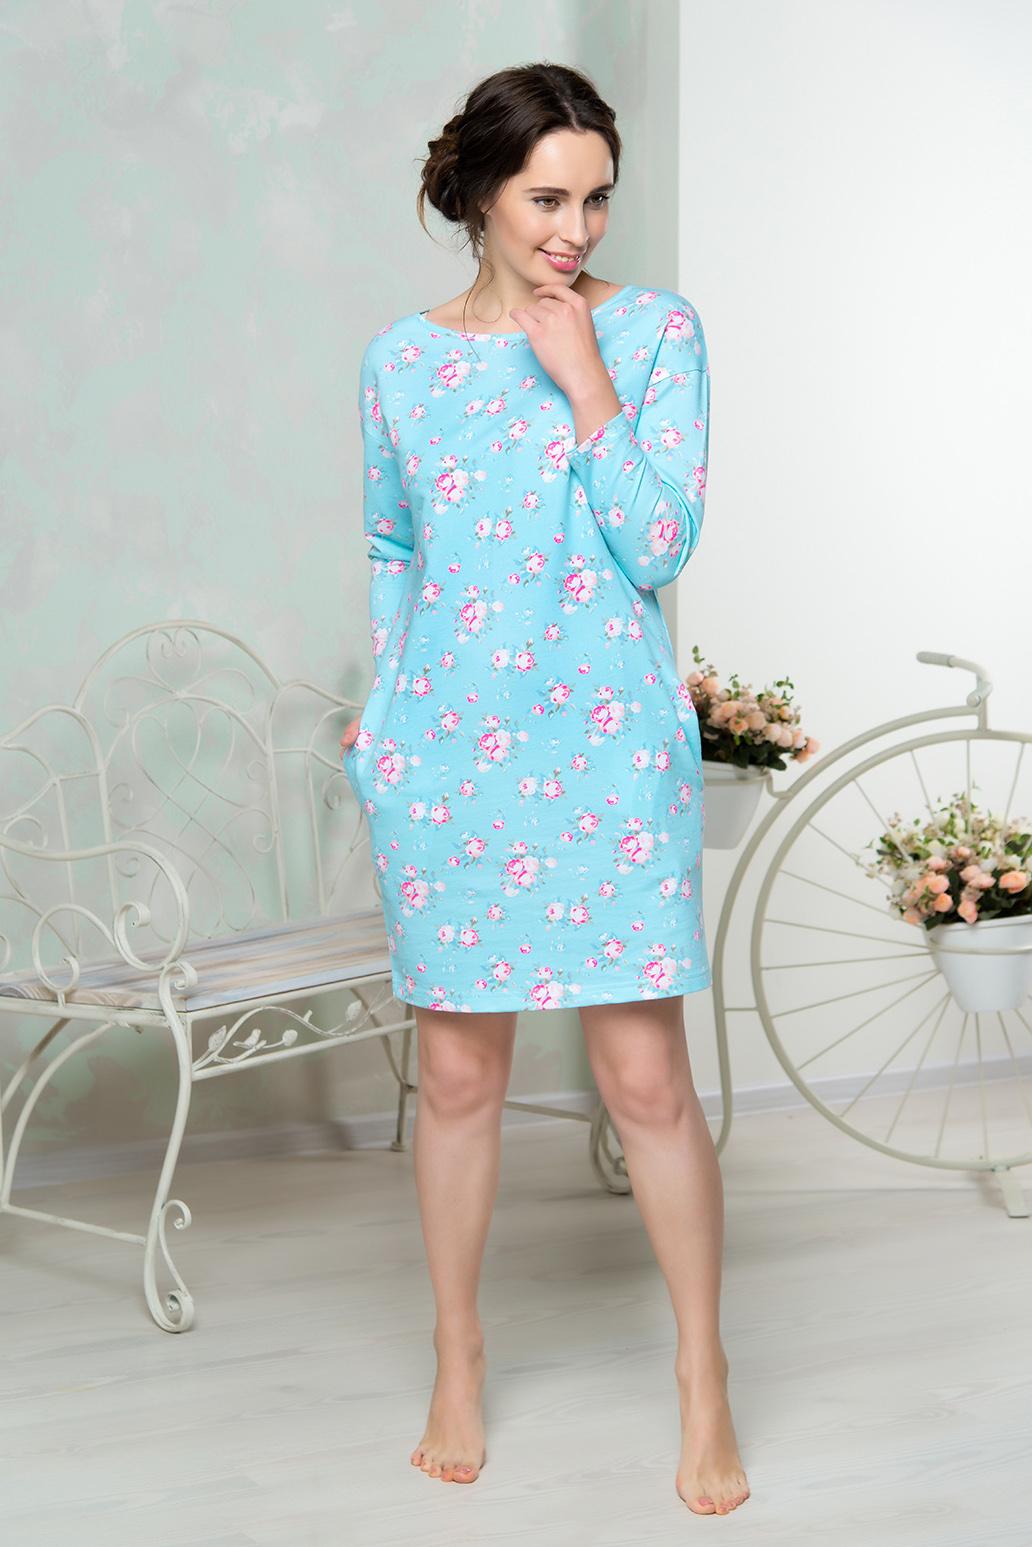 Платье домашнее Mia Cara, цвет: голубой. AW16-MCUZ-851. Размер 50/52AW16-MCUZ-851Платье домашнее Mia Cara выполнено с длинными рукавами и цветочным принтом. Модель изготовлена из высококачественного хлопка с добавлением эластана. Спинка дополнена вырезом и завязками, по бокам имеются врезные карманы.